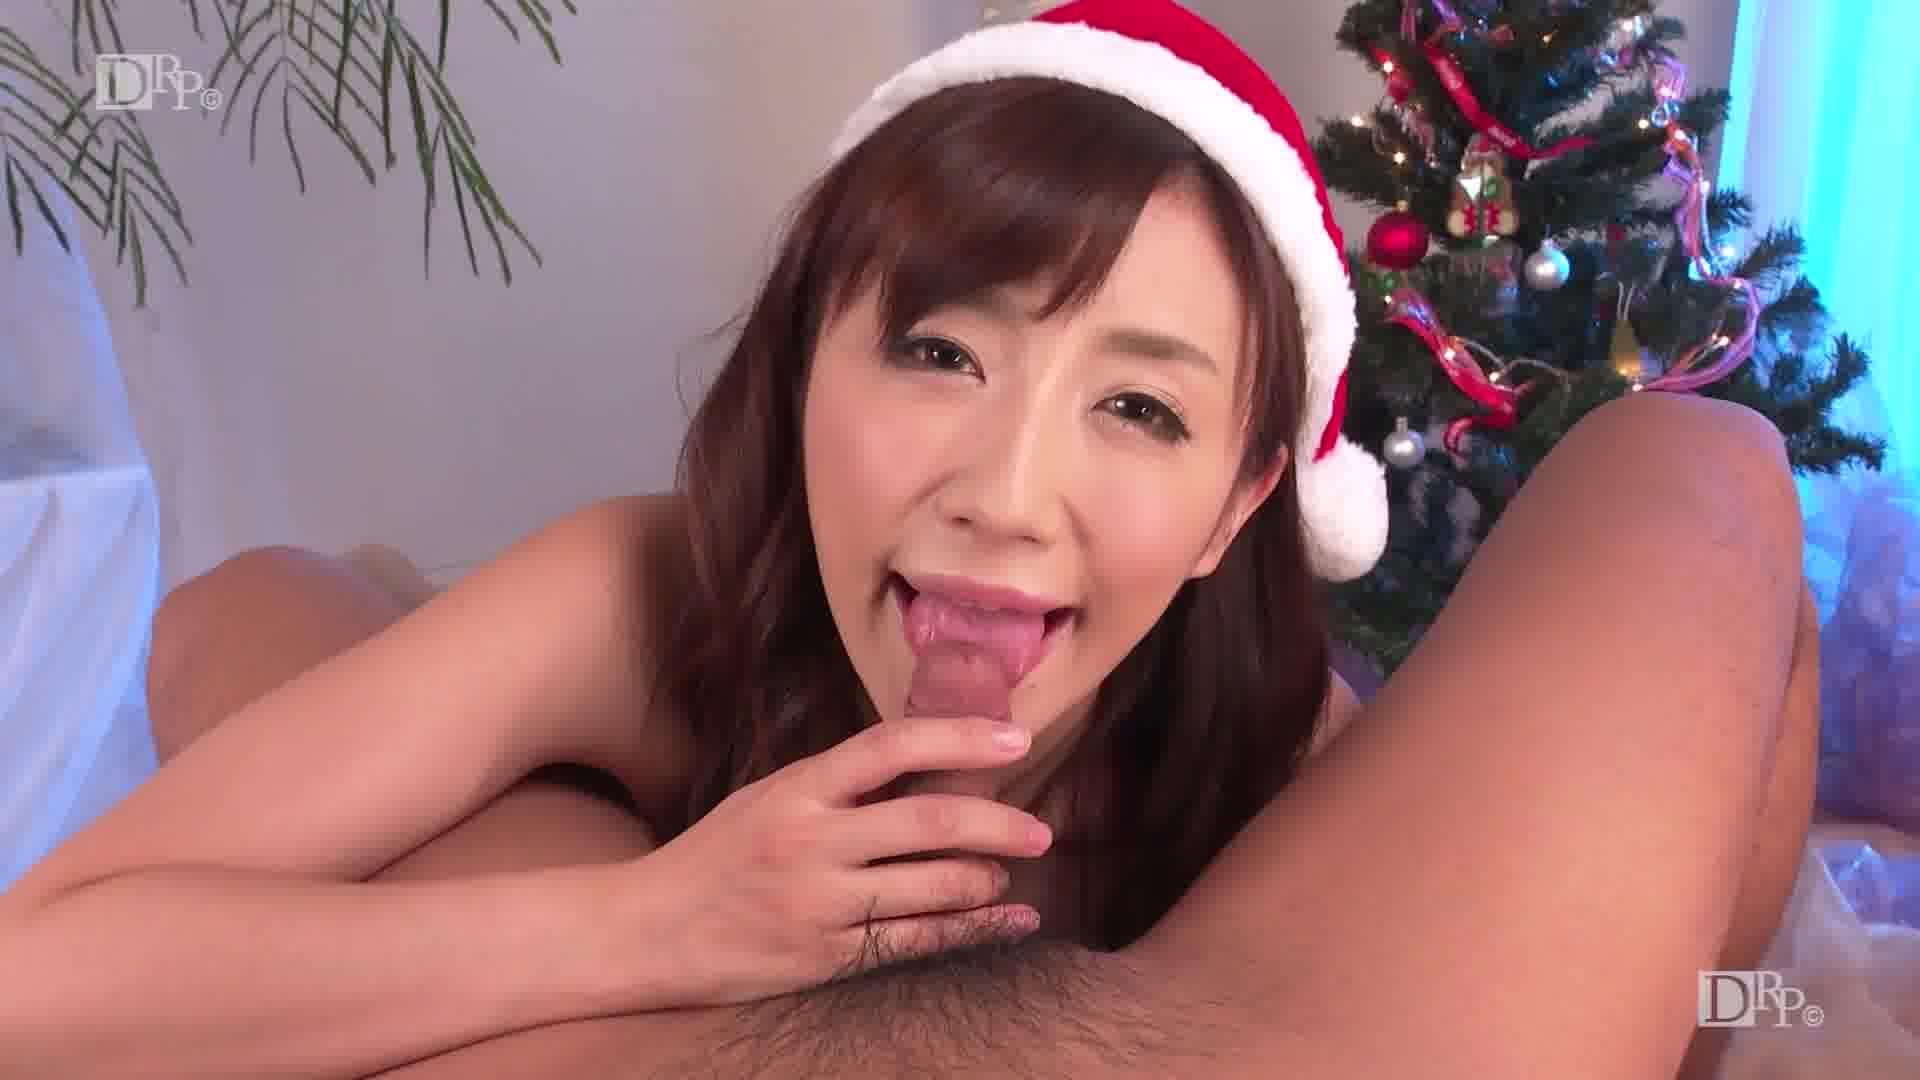 早抜き アバズレサンタBEST - ななみゆい【コスプレ・巨乳・ベスト】